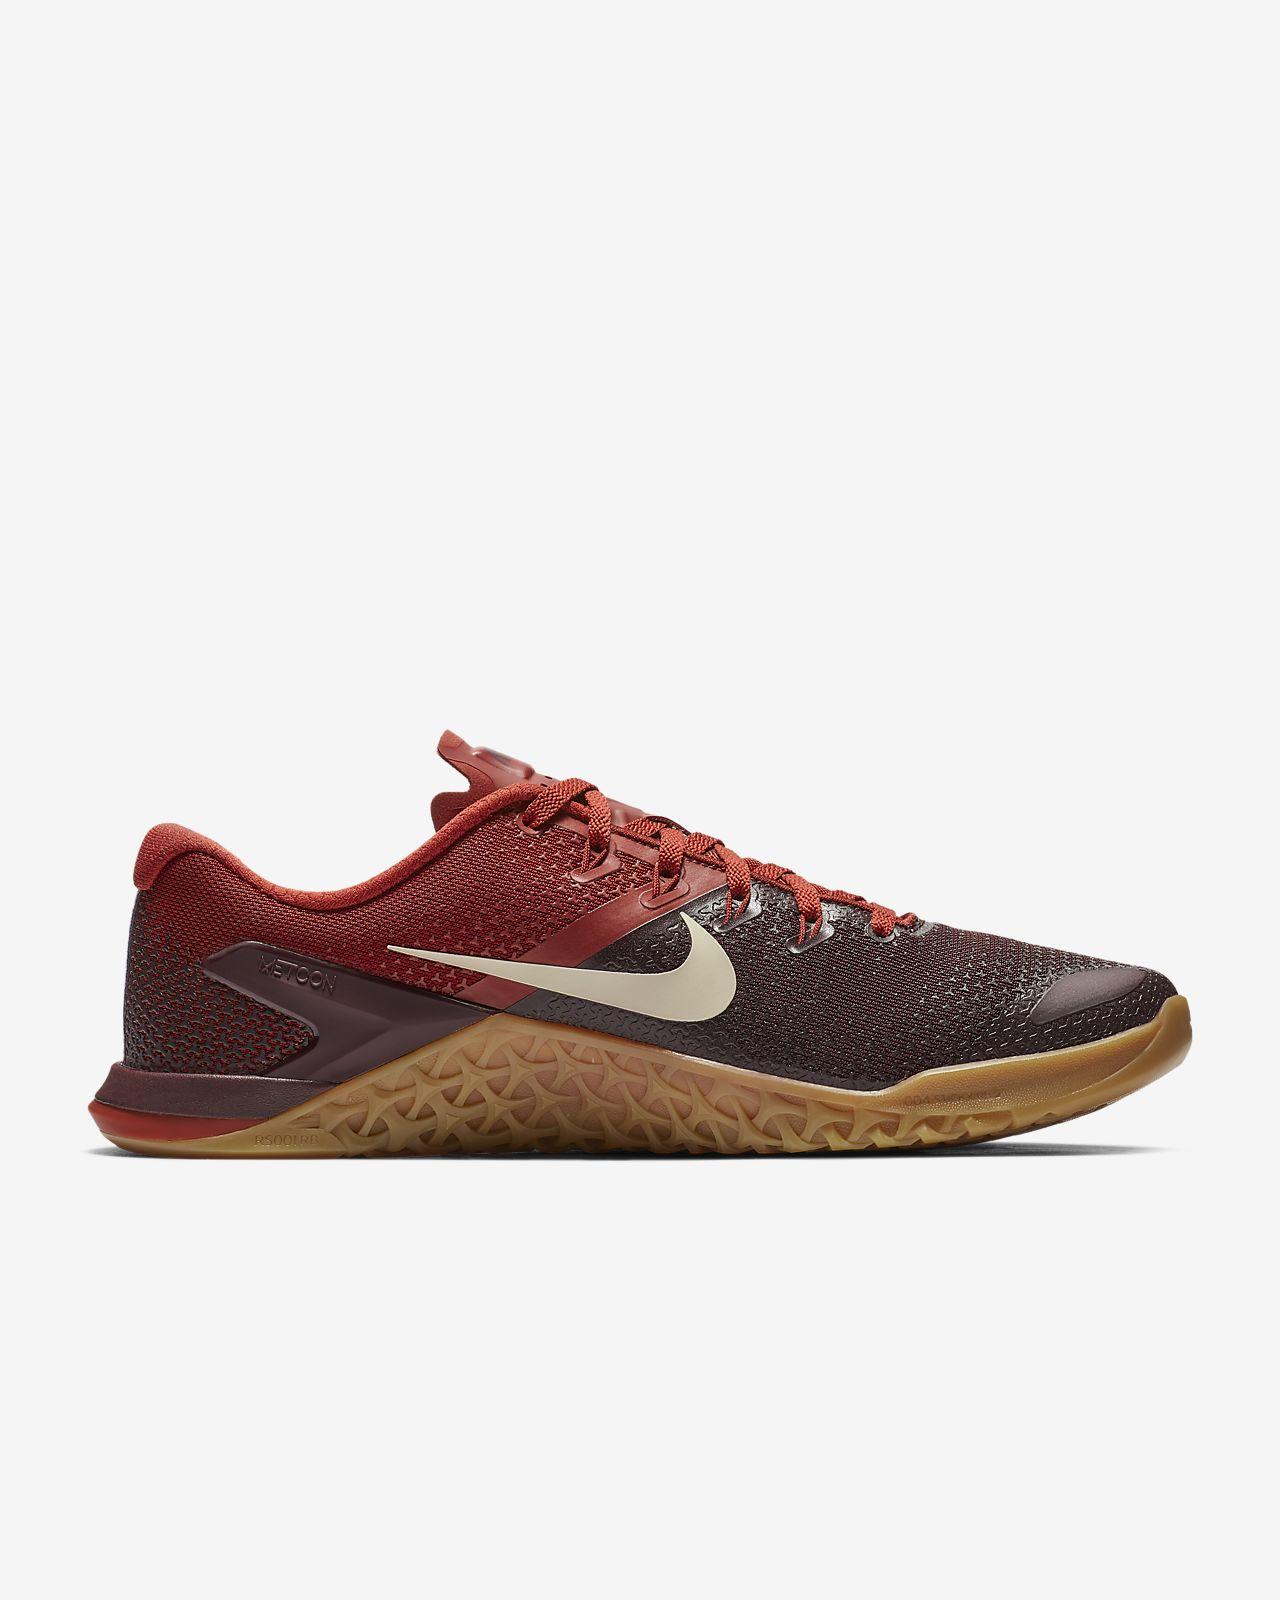 63bec6ac0a Nike Metcon 4 Men s Cross Training Weightlifting Shoe. Nike.com NZ